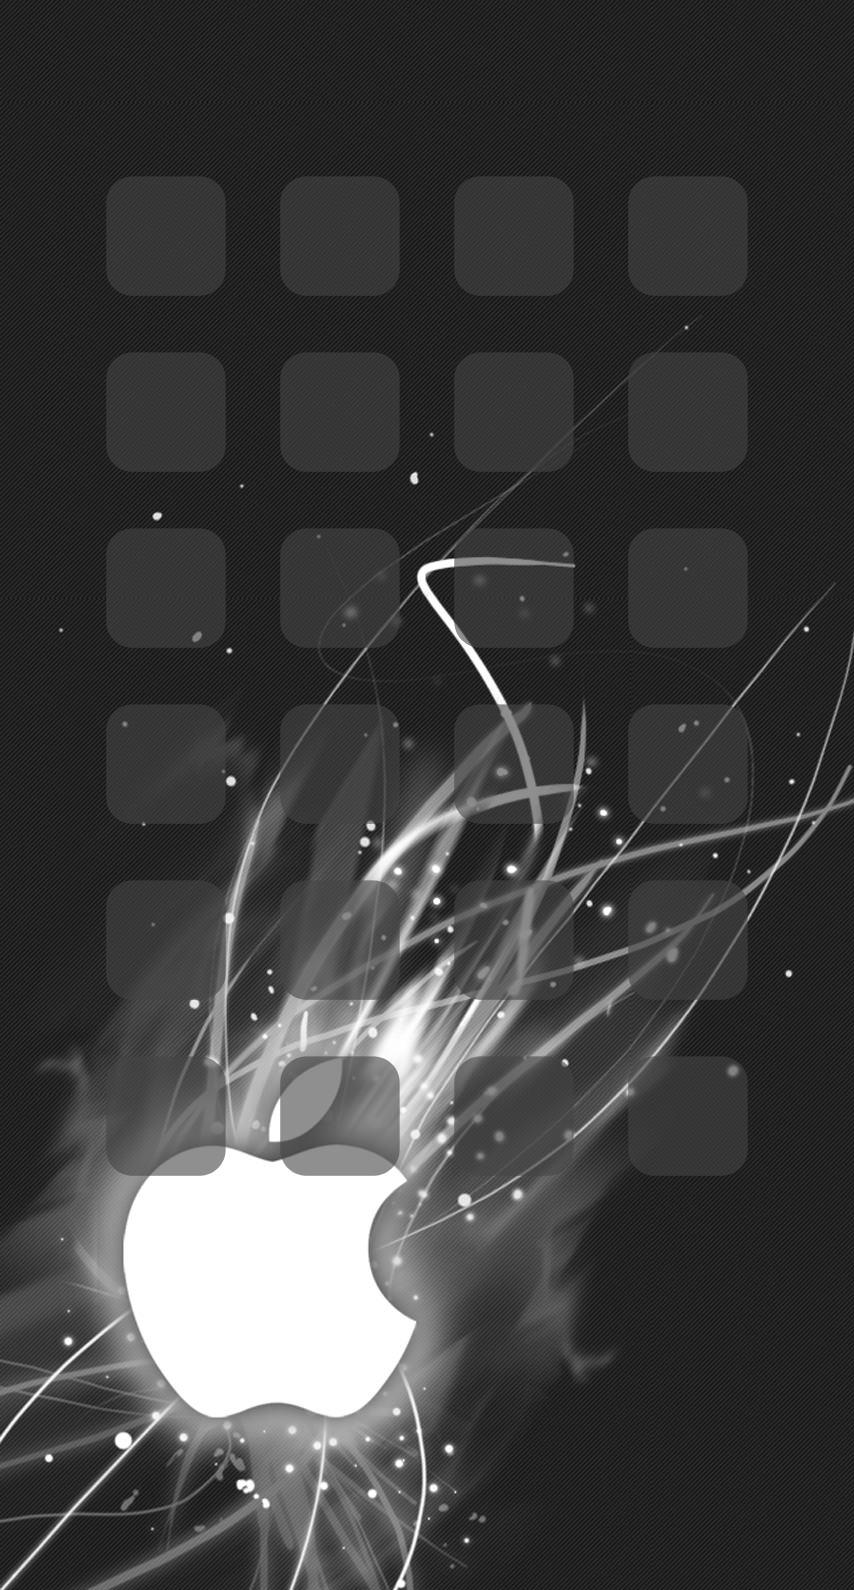 Appleロゴ棚クール黒 Wallpaper Sc Iphone8壁紙